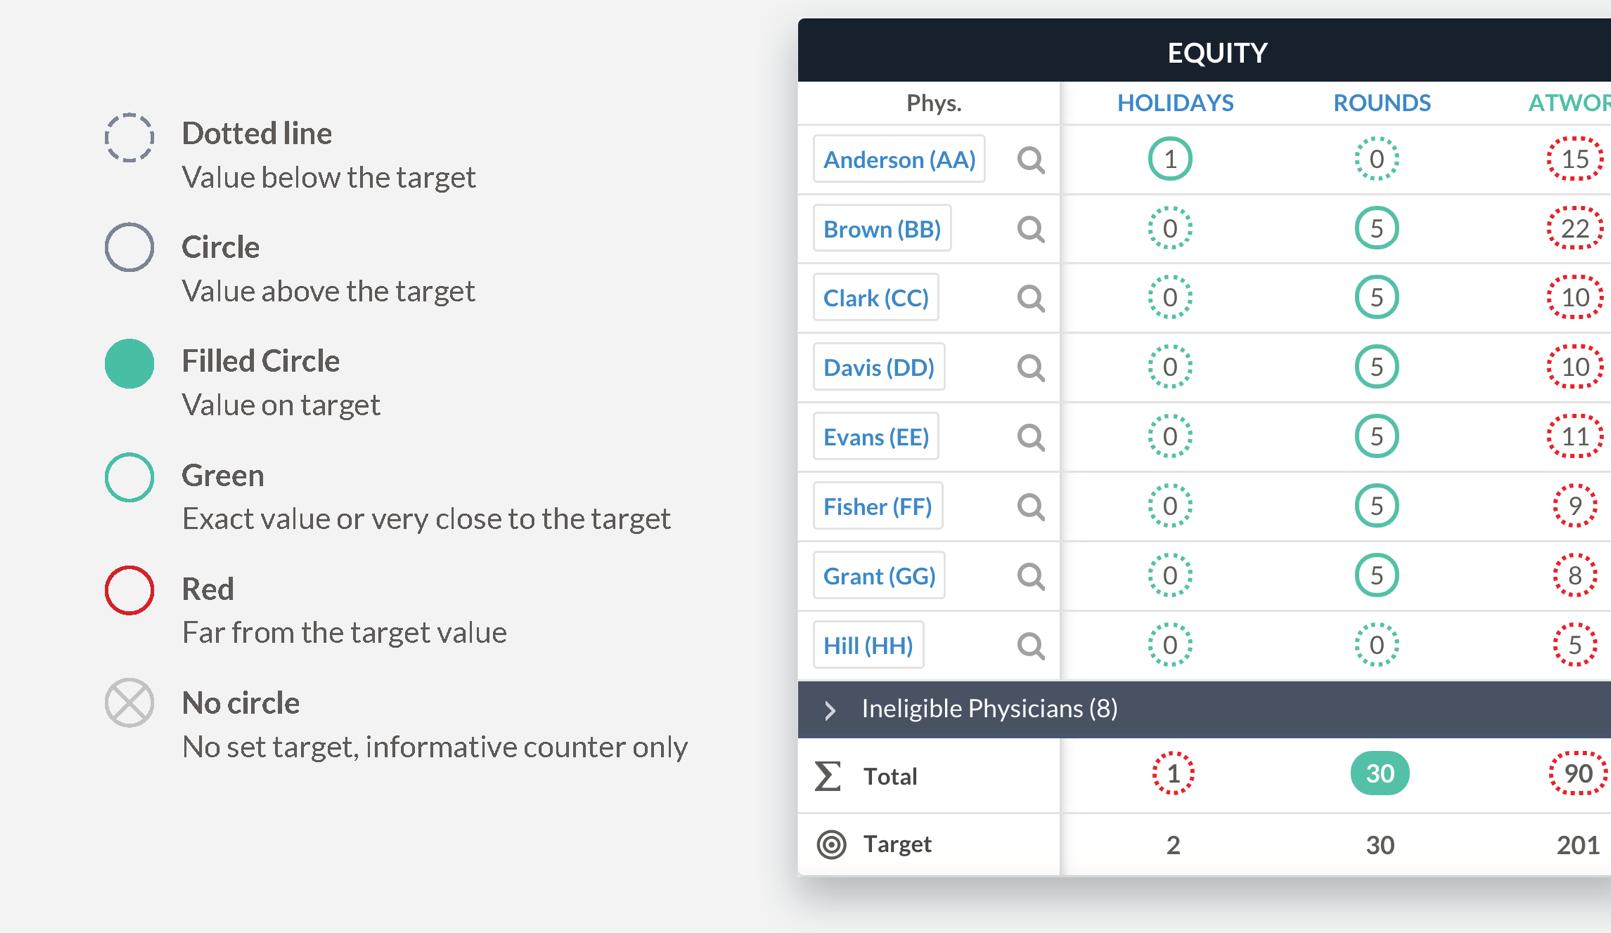 planner equity schedule